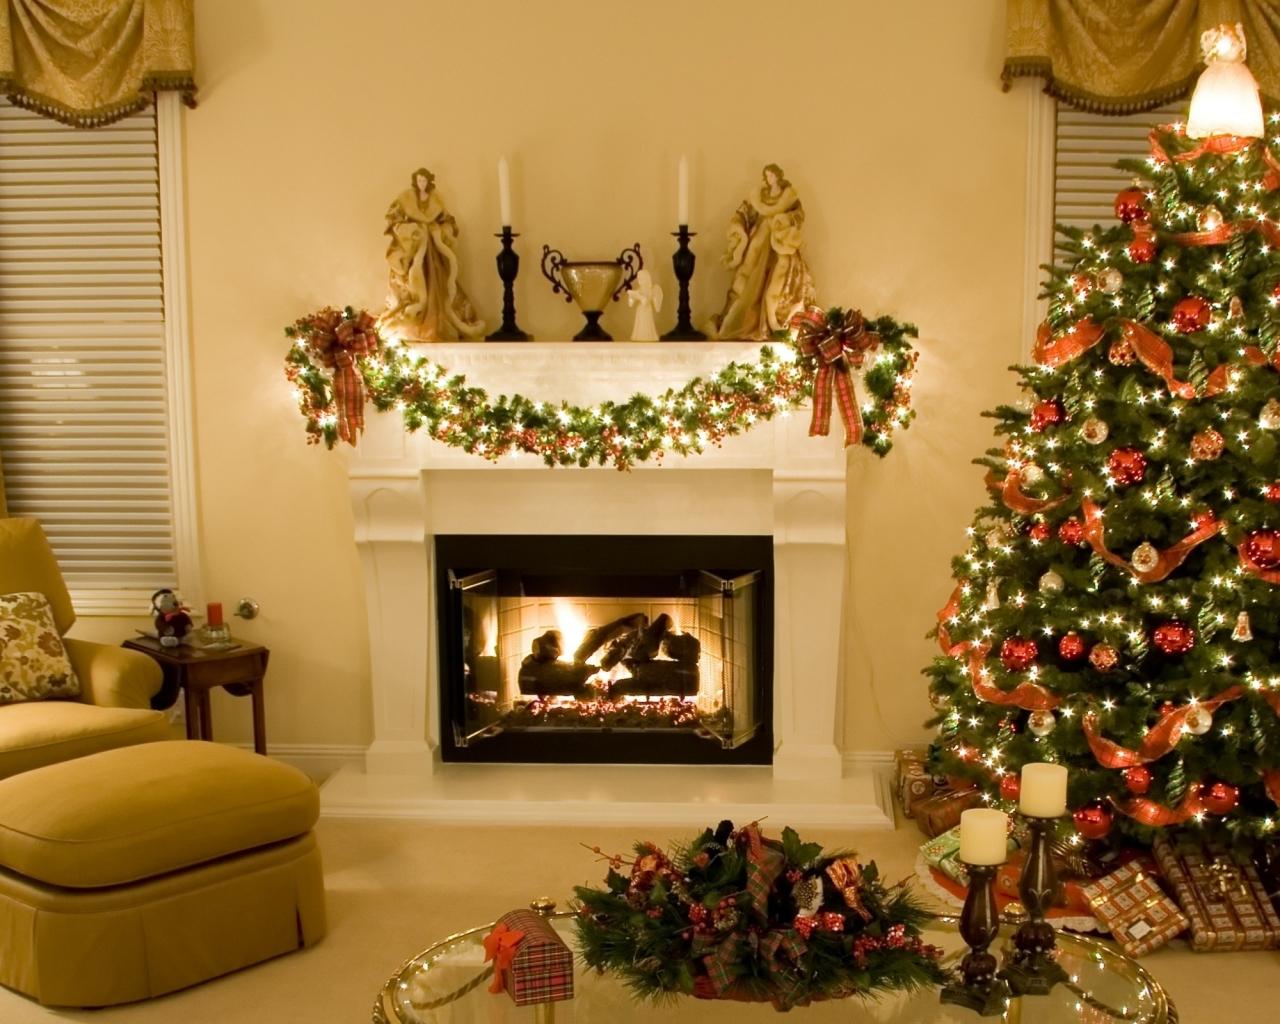 Arbol de navidad en casa hd 1280x1024 imagenes - La casa de la navidad ...